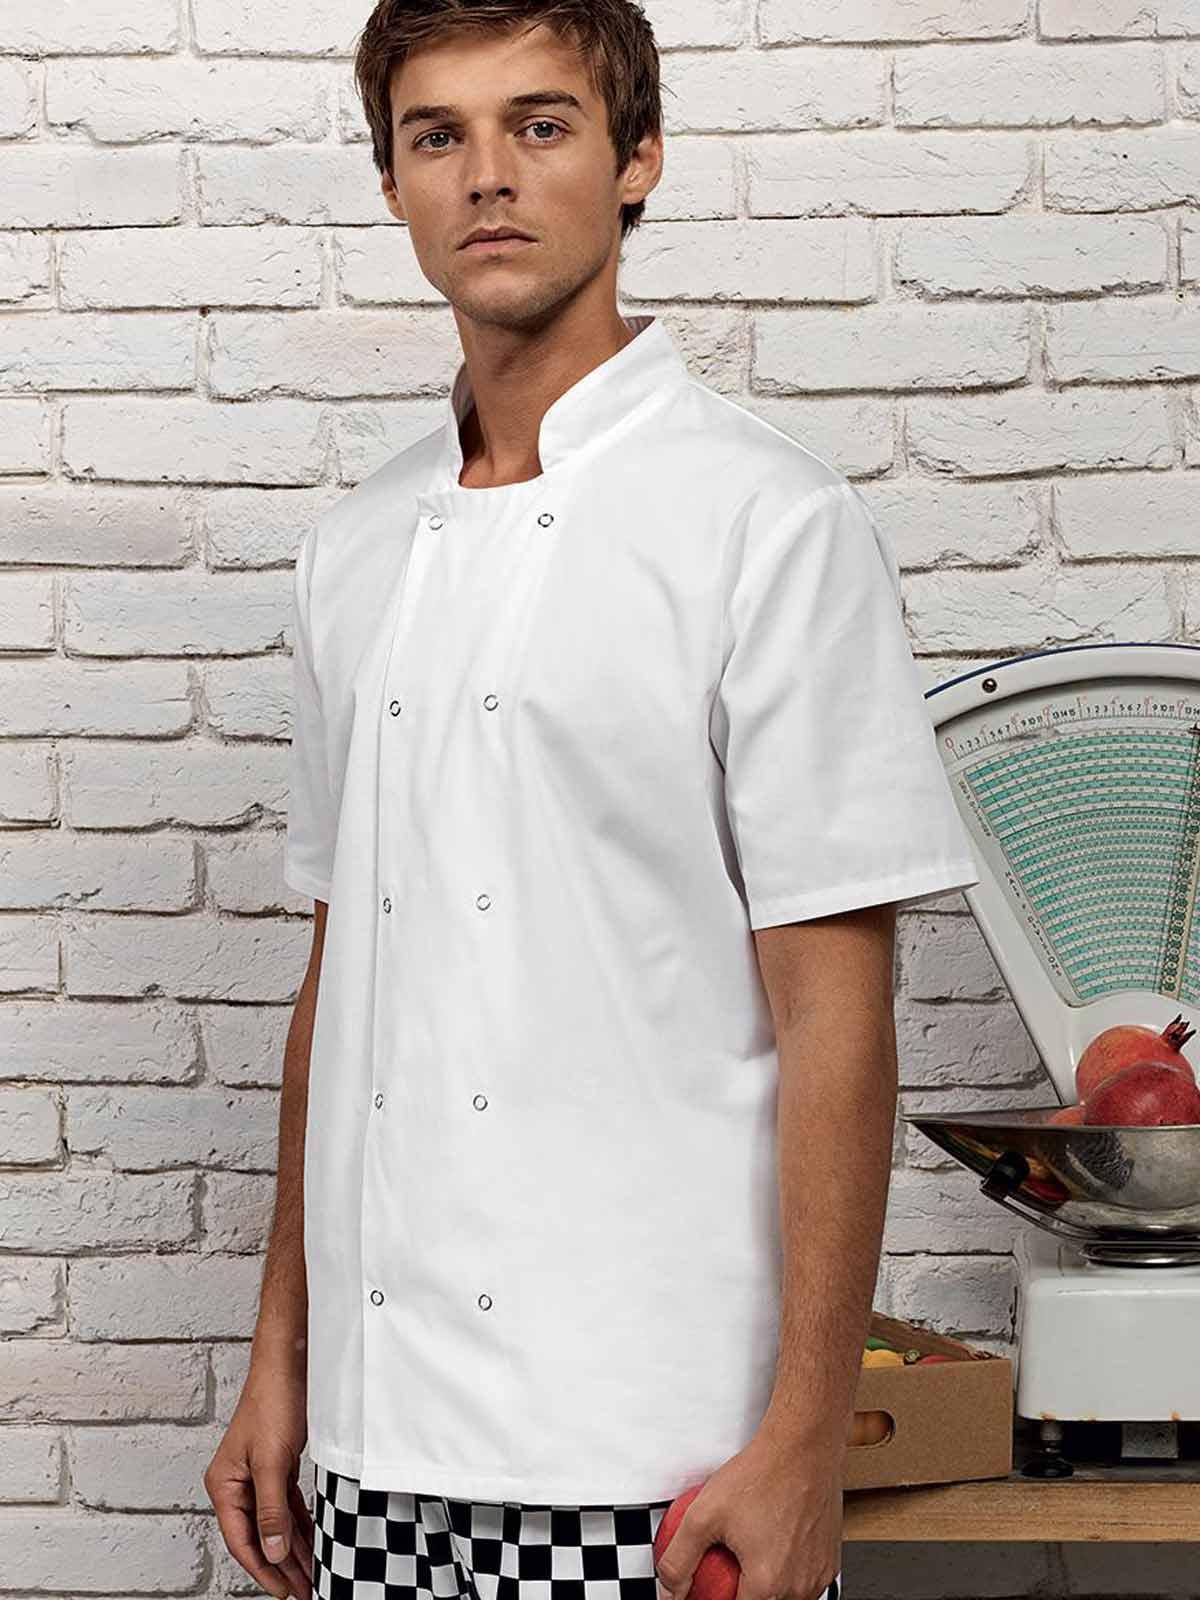 Unisex Premier Giacca da Chef Maniche Corte Bottoni Automatici